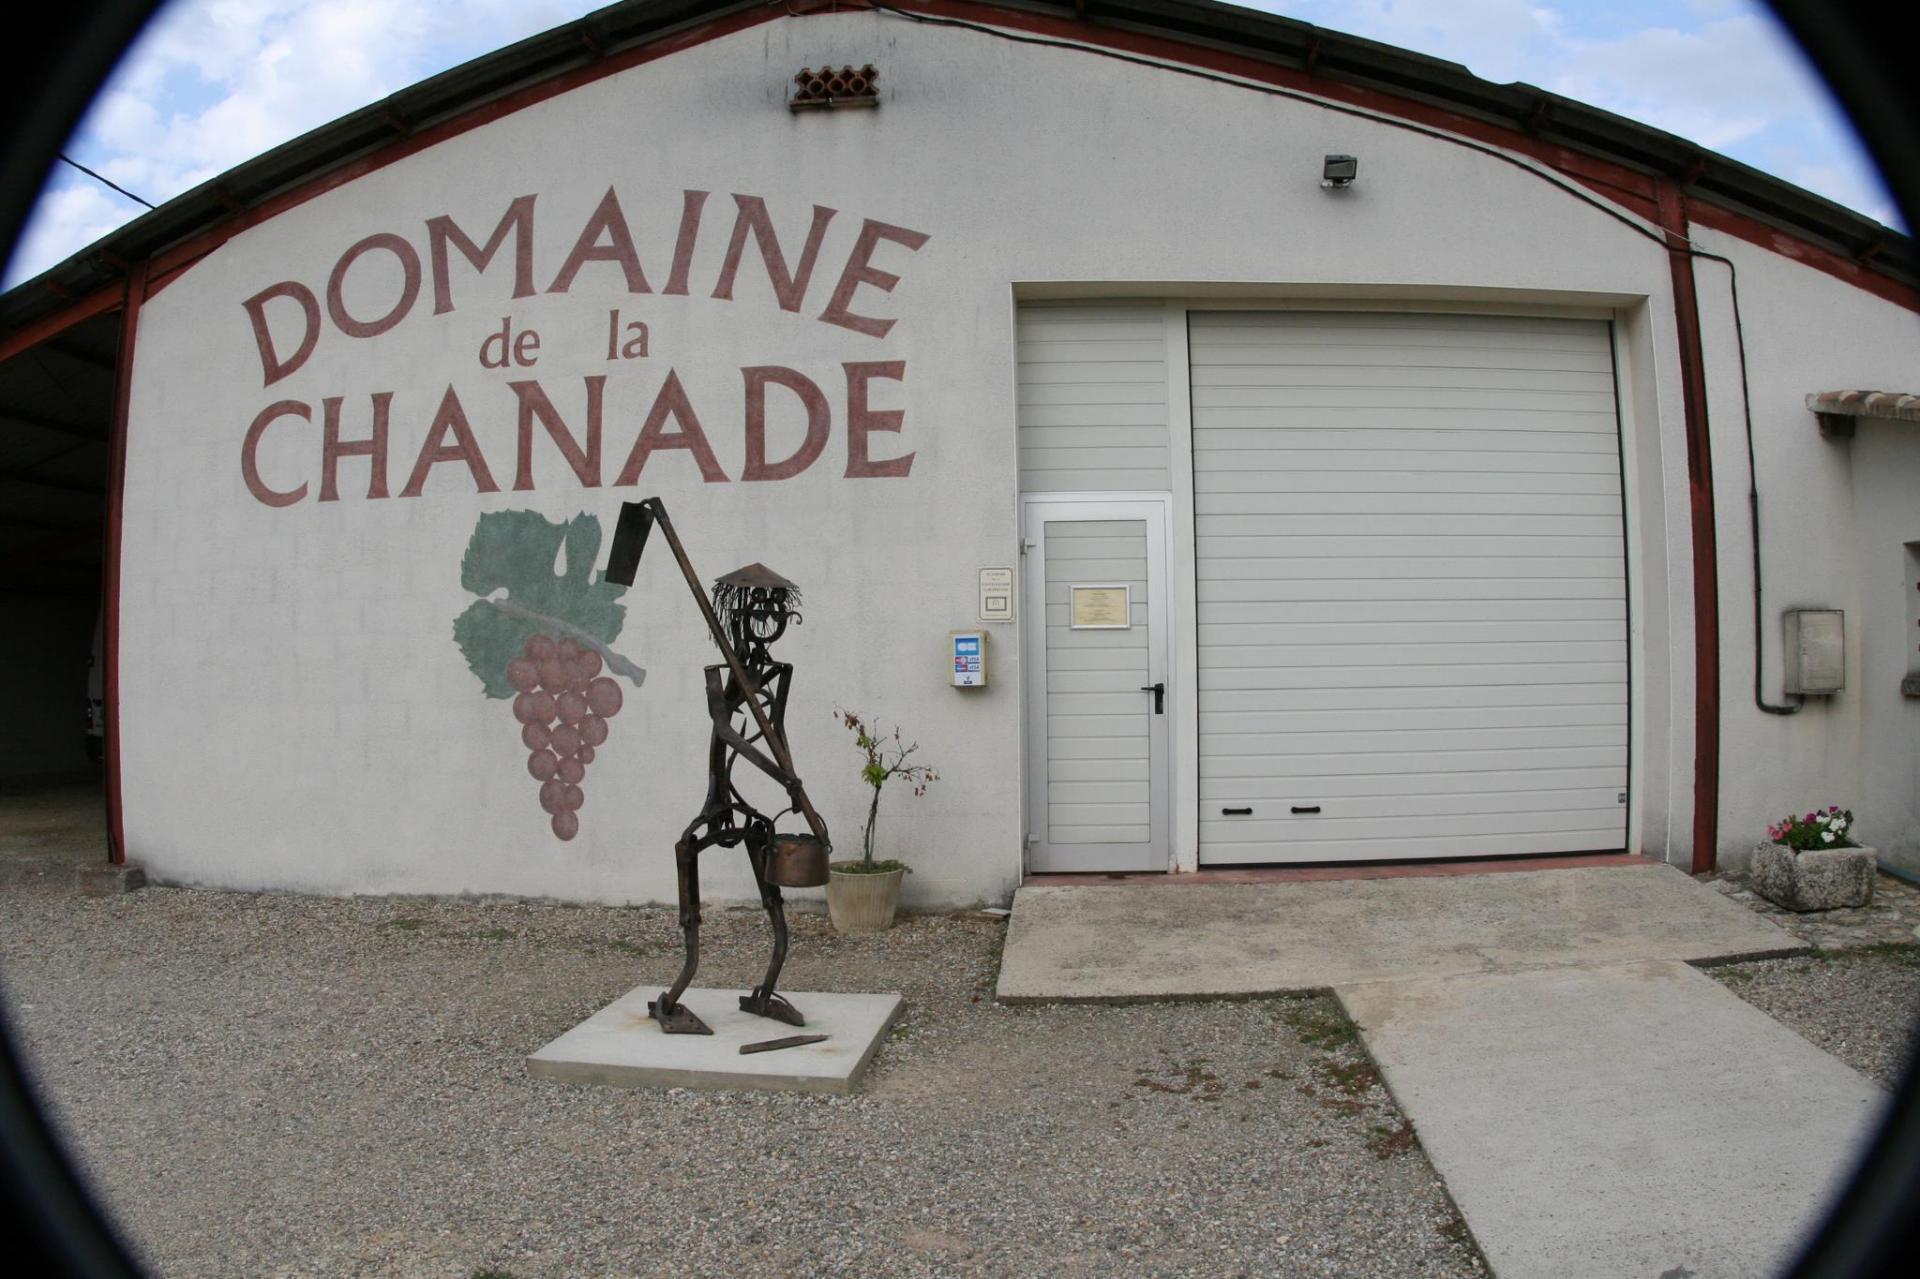 La Chanade more